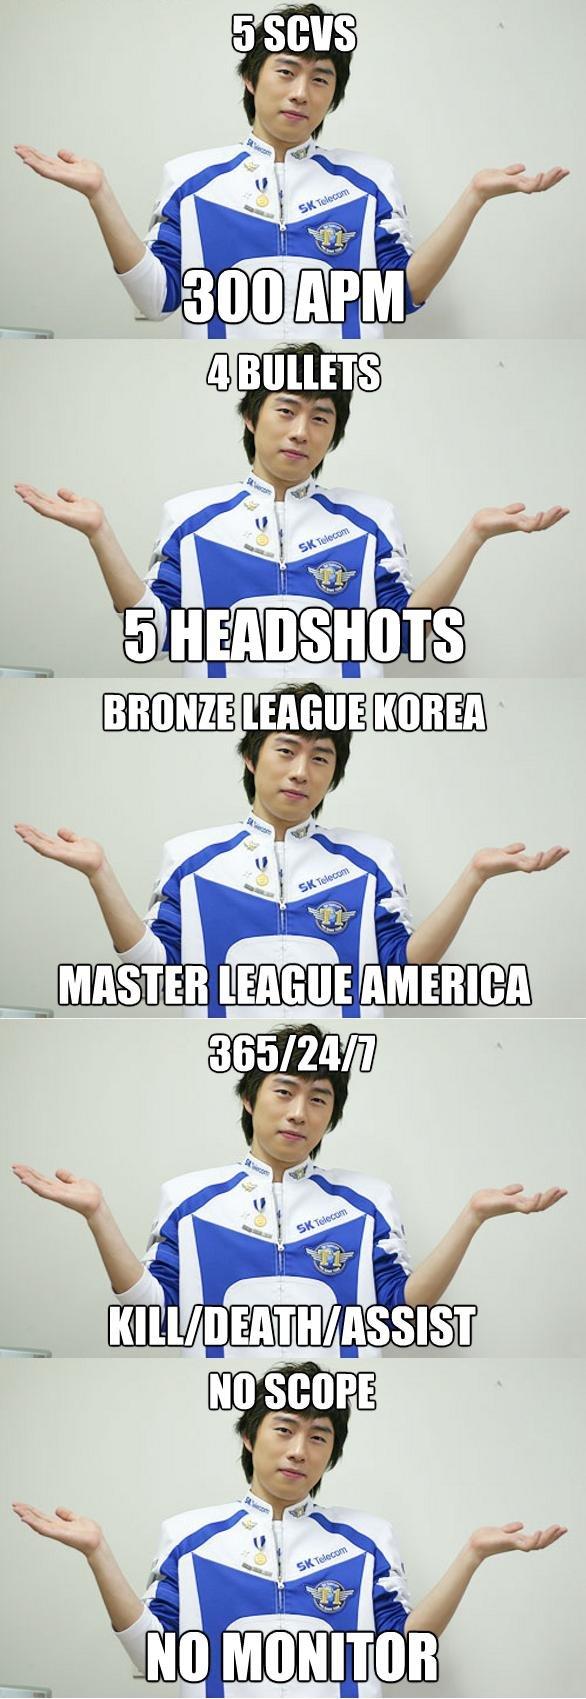 Korean Gamer meme. .. worst at math in korean class 4 years ahead of american classes Korean Gamer meme worst at math in korean class 4 years ahead of american classes